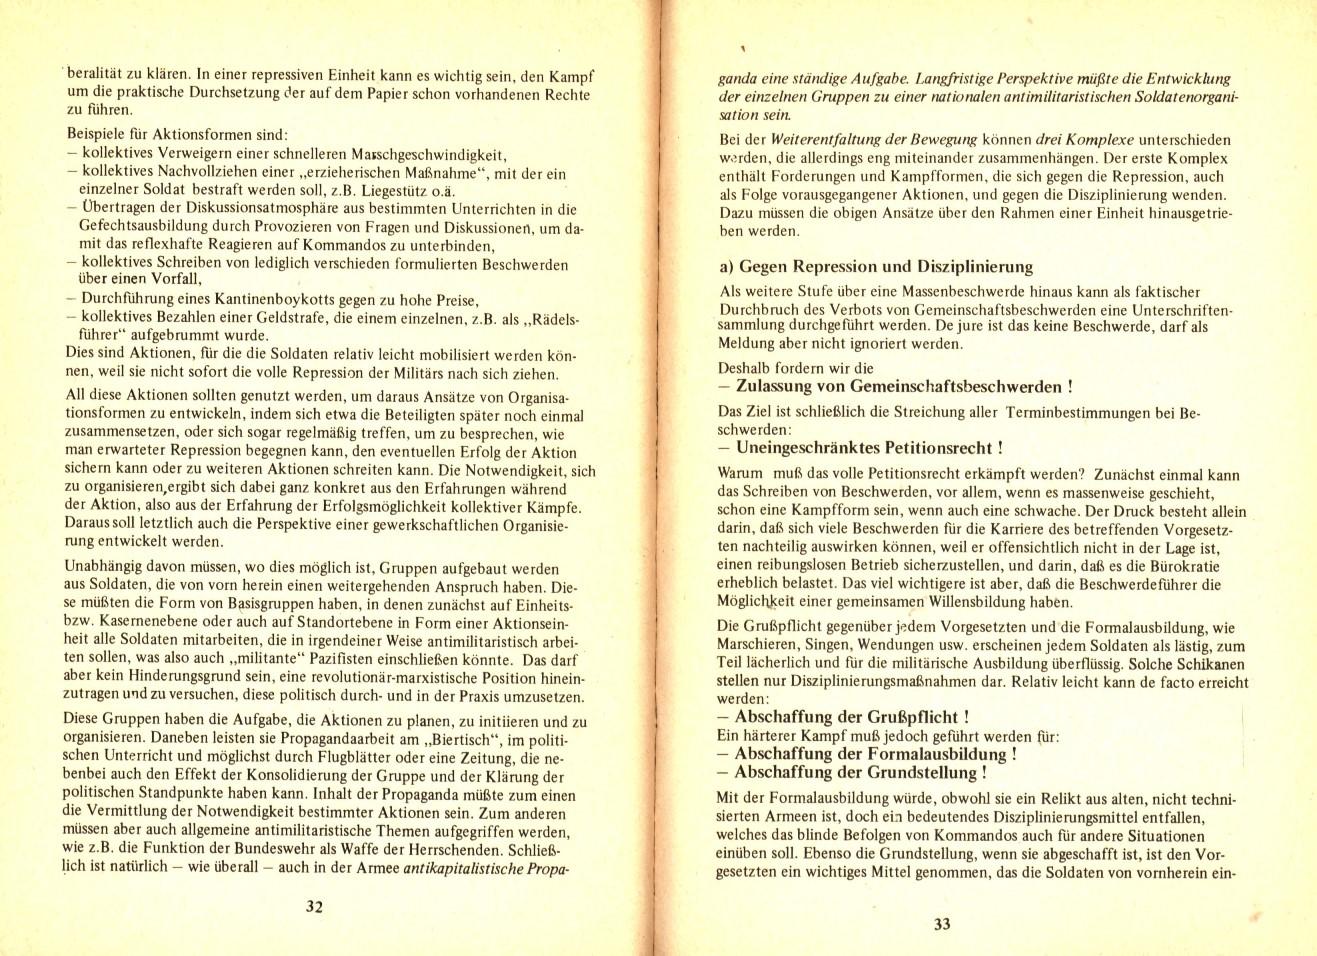 GIM_1976_Militaerpolitisches_Programm_18